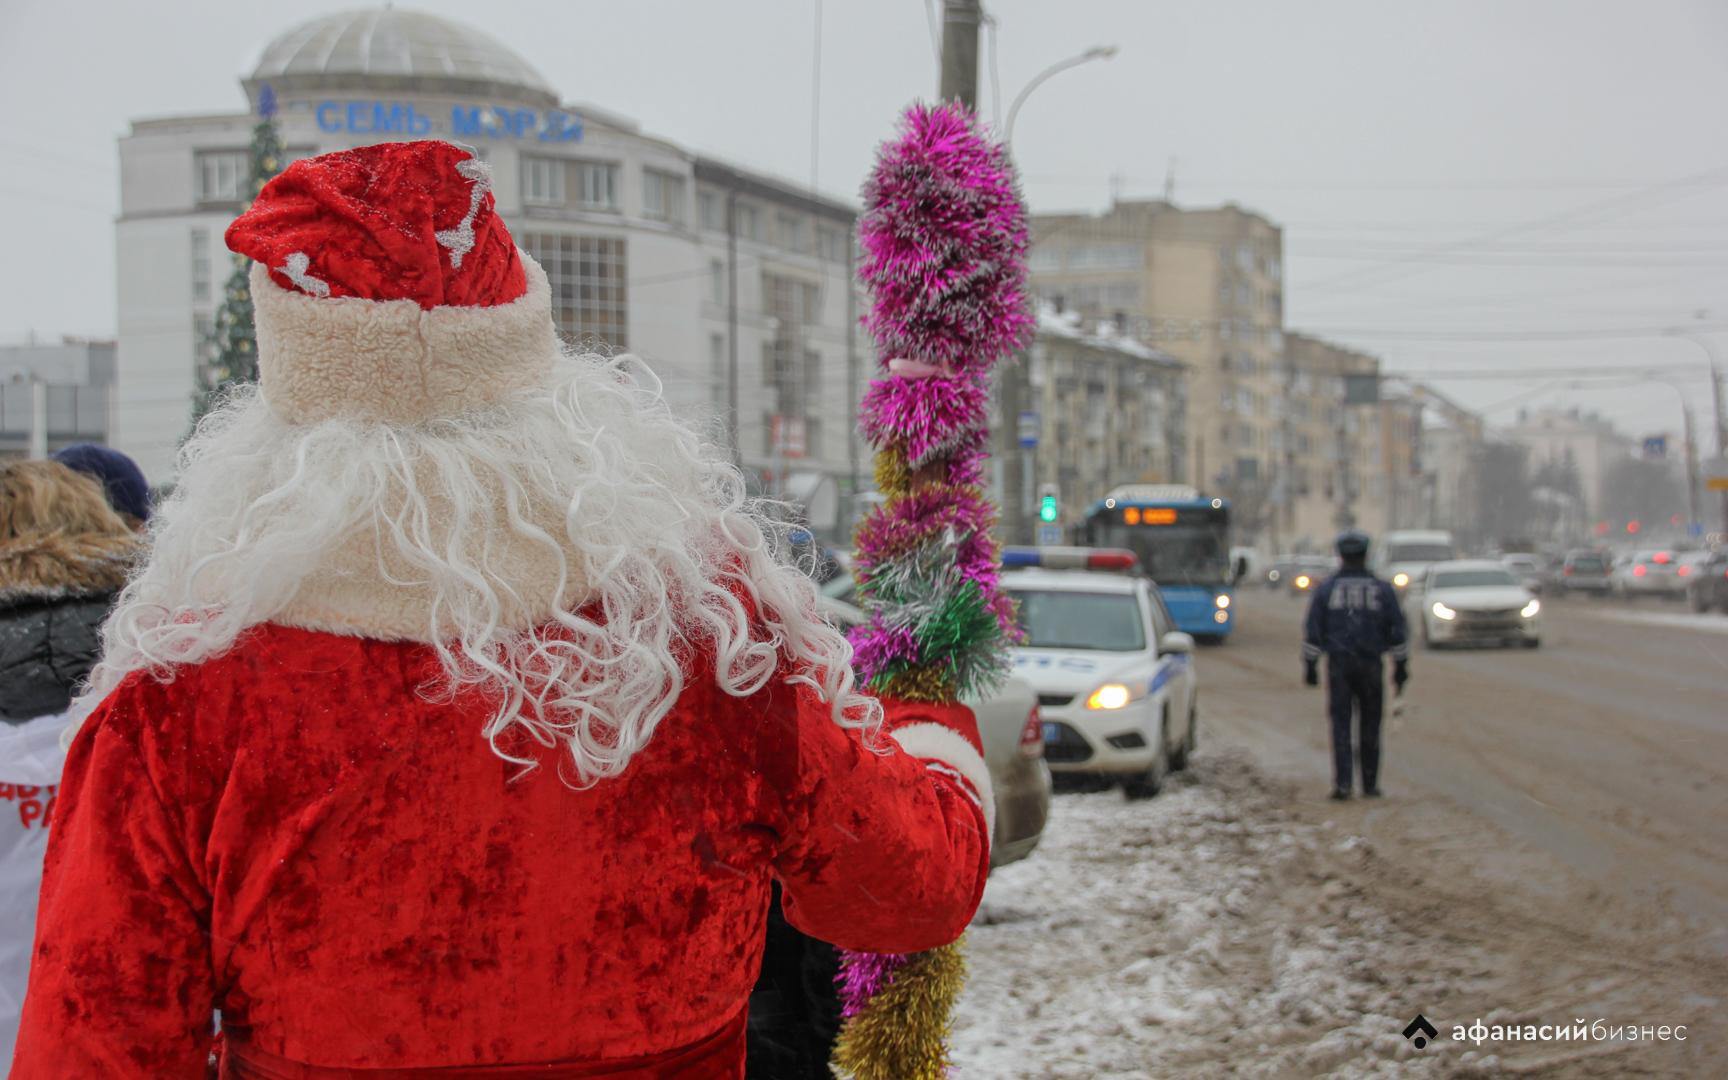 Дед Мороз с жезлом и Снегурочка с кобурой: в Твери водителей и пешеходов поздравили с наступающим Новым годом - новости Афанасий